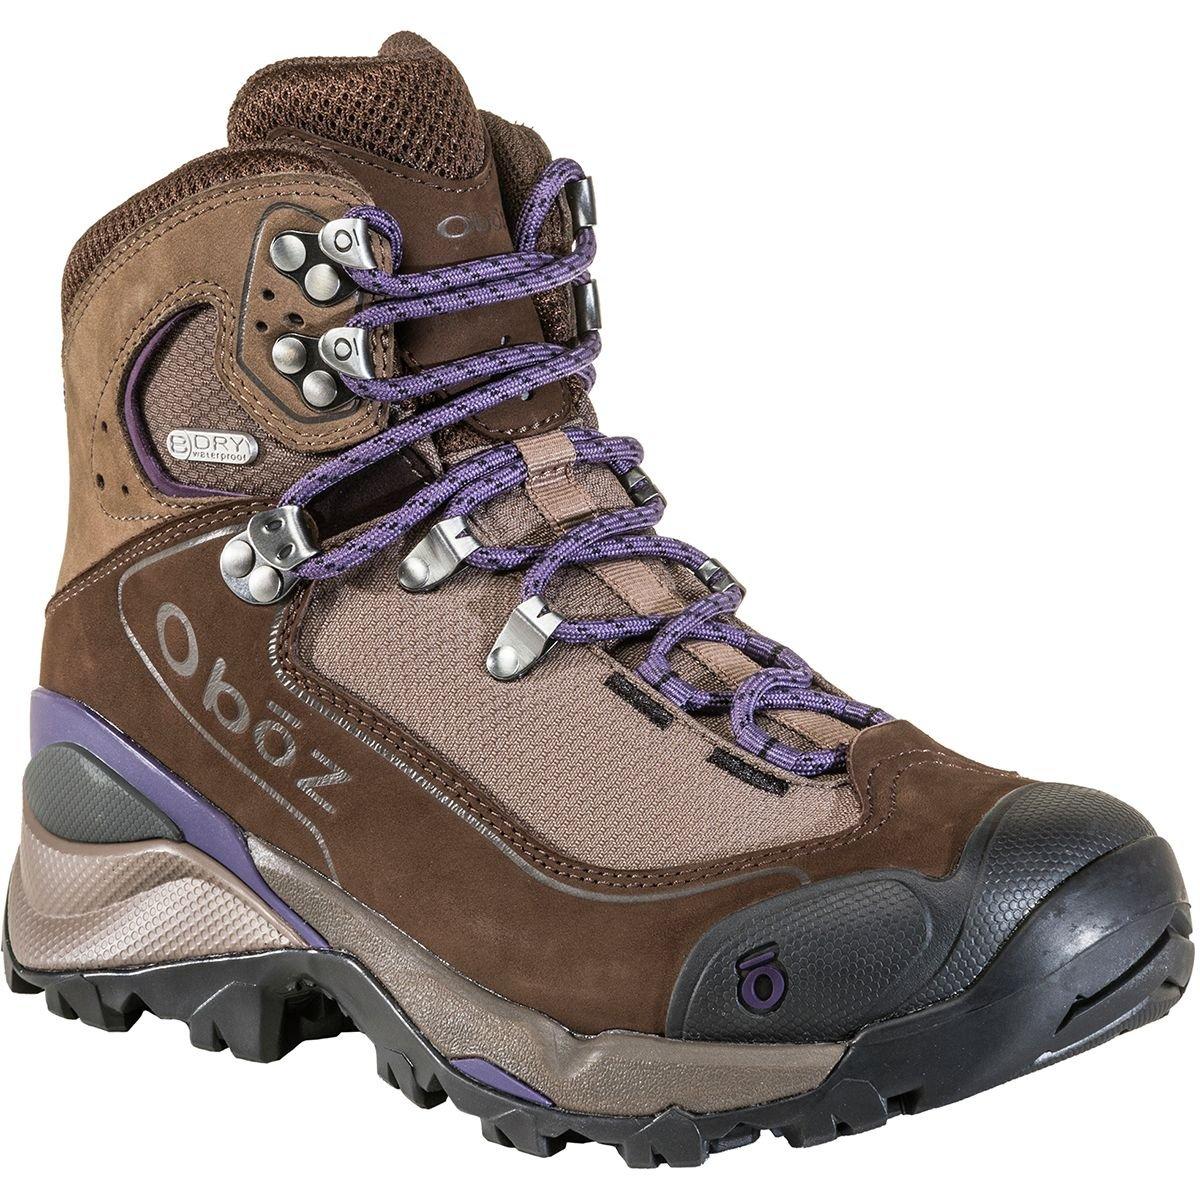 Oboz Women's Wind River III Boot B074RMLBRT 9.5 B US|WALNUT